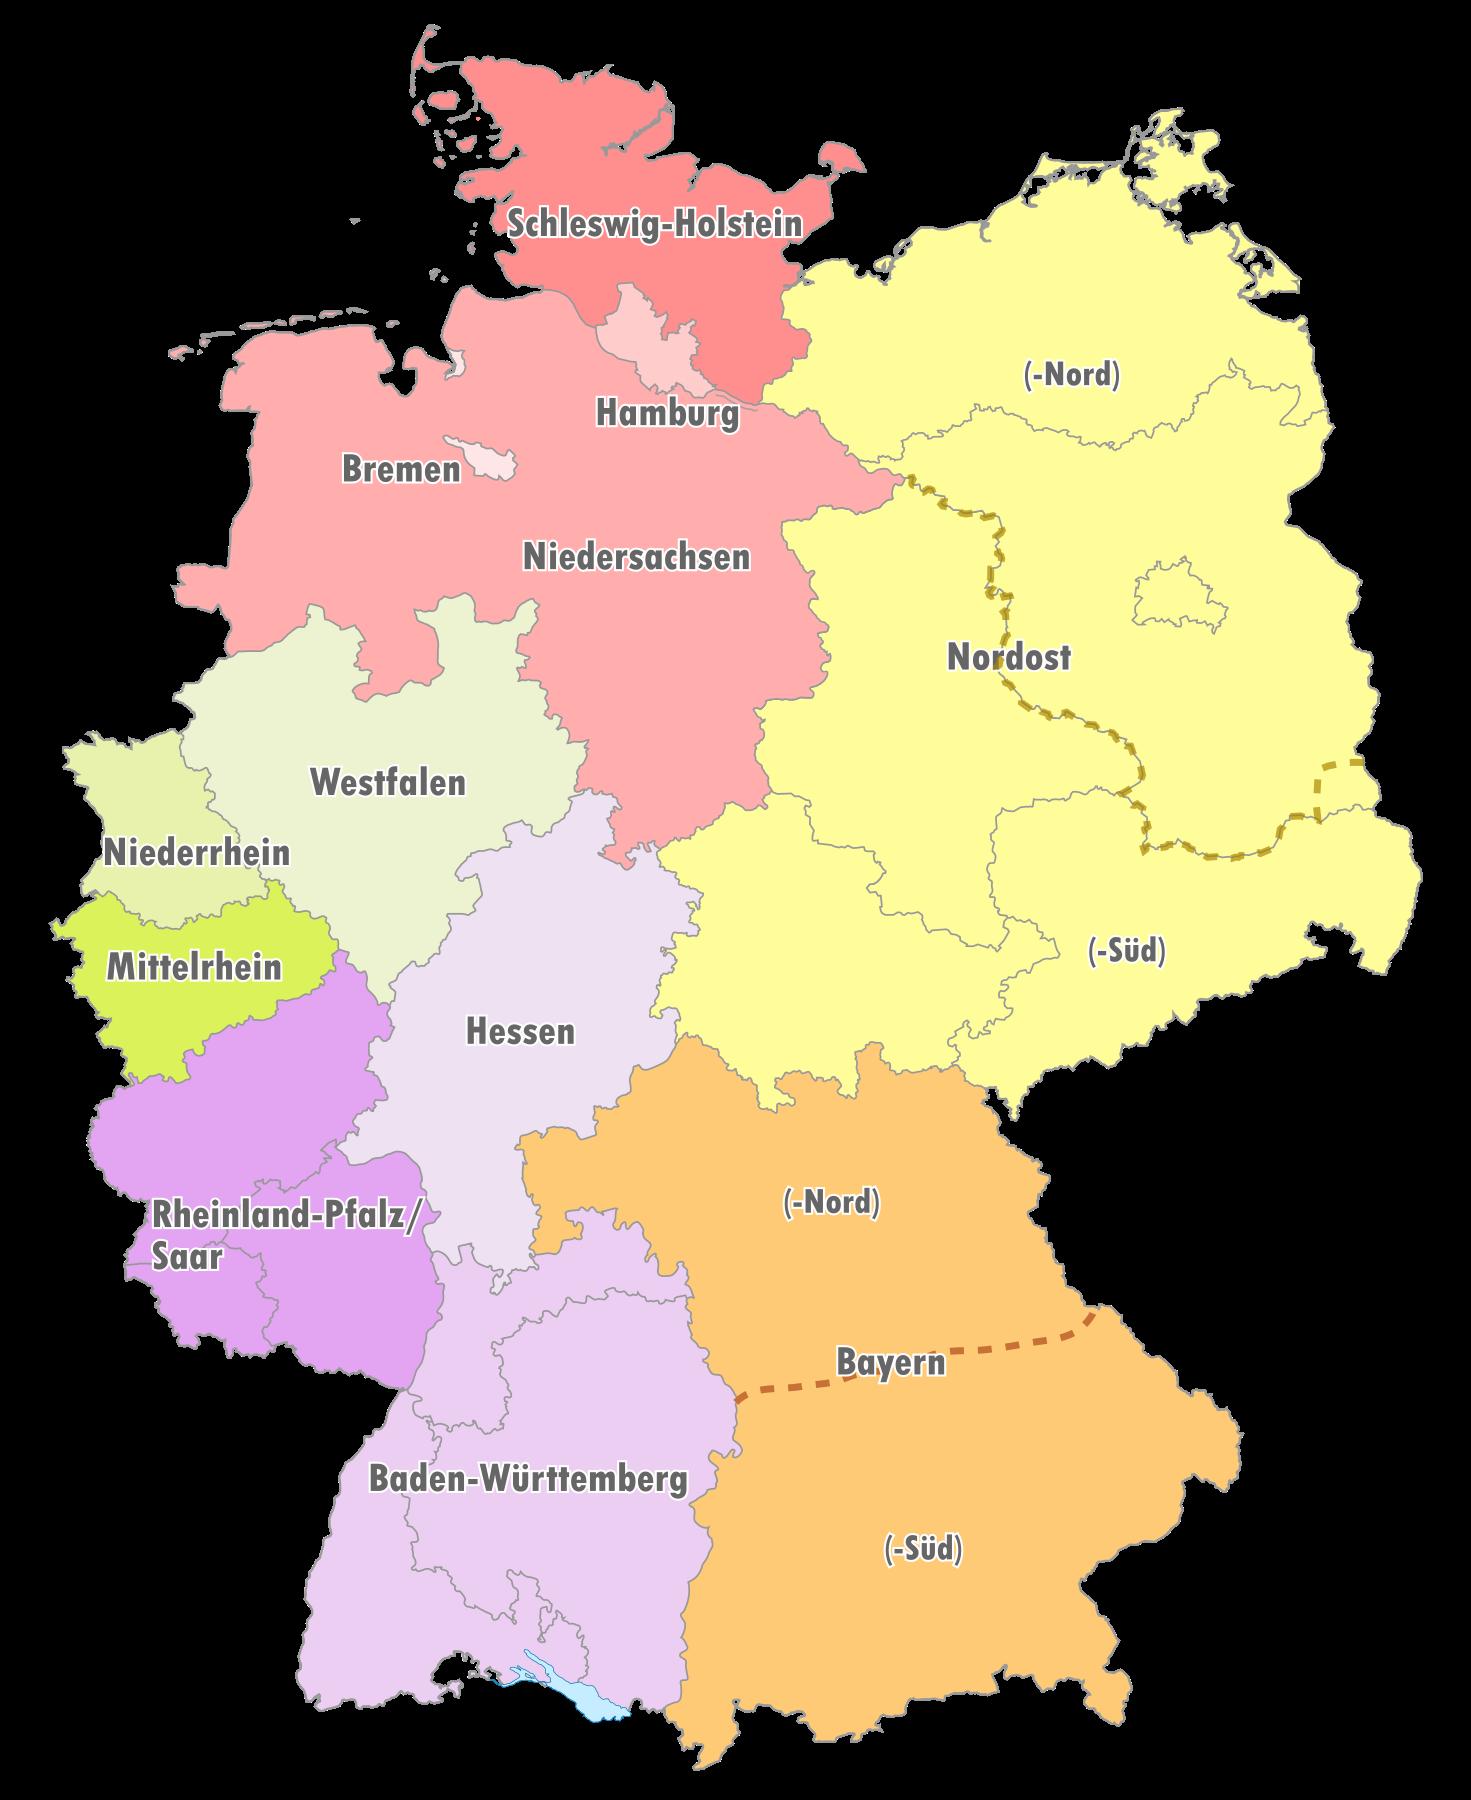 Geografische Einteilung der Oberligen